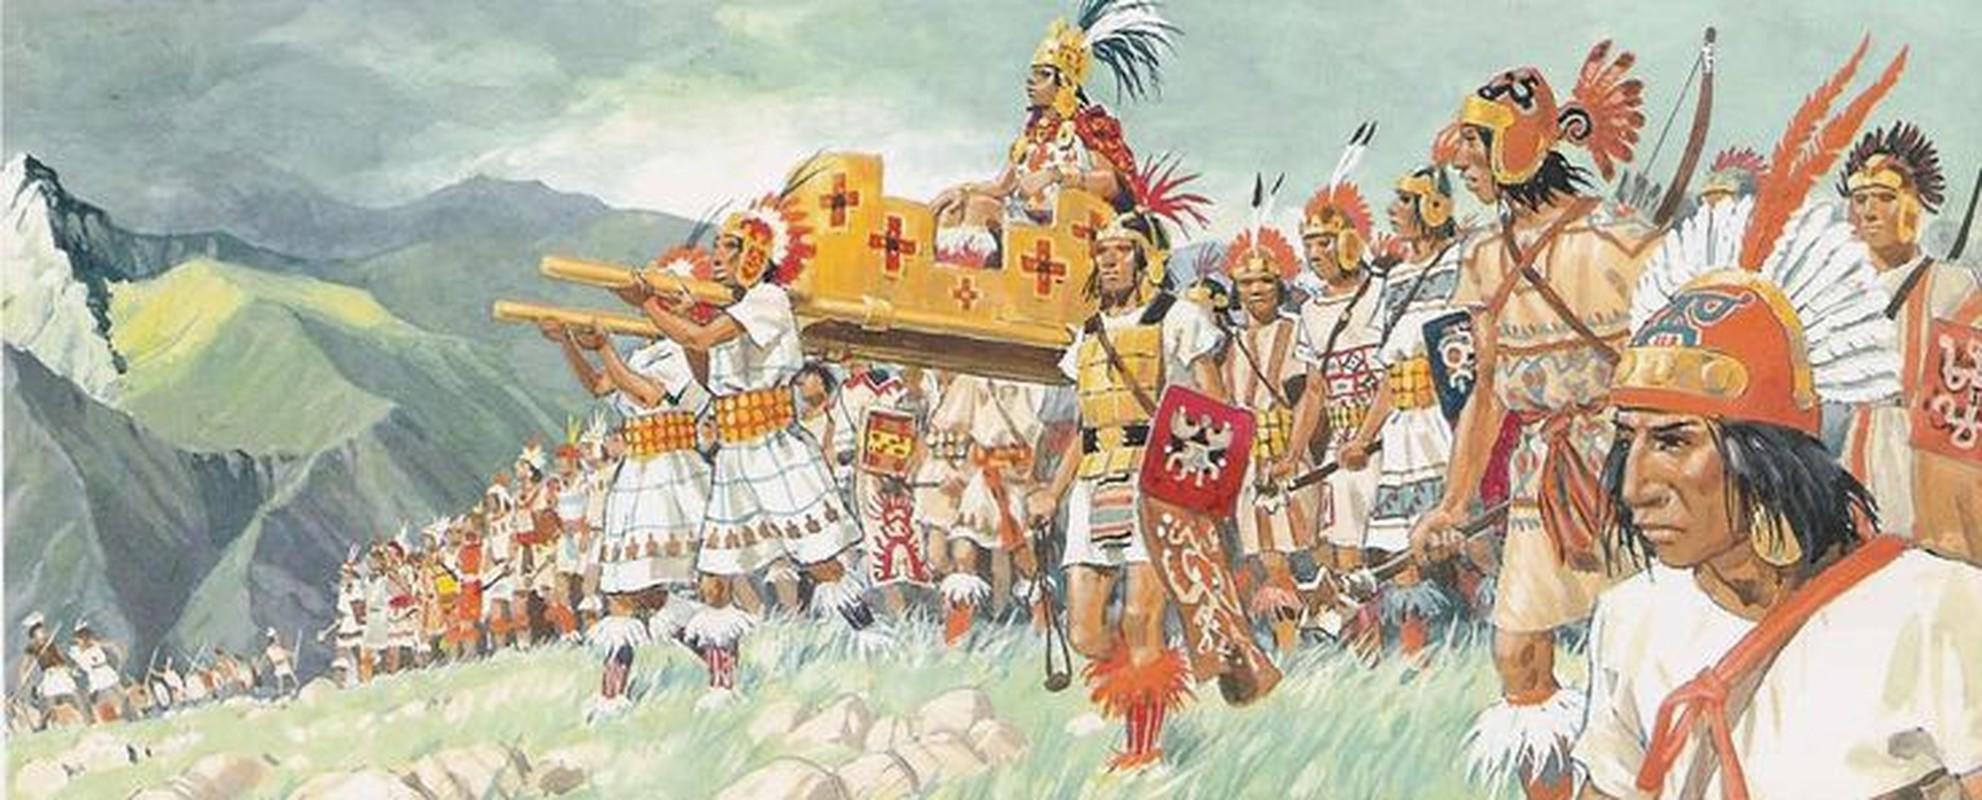 6 su that ngo ngang ve de che Inca huyen thoai-Hinh-8